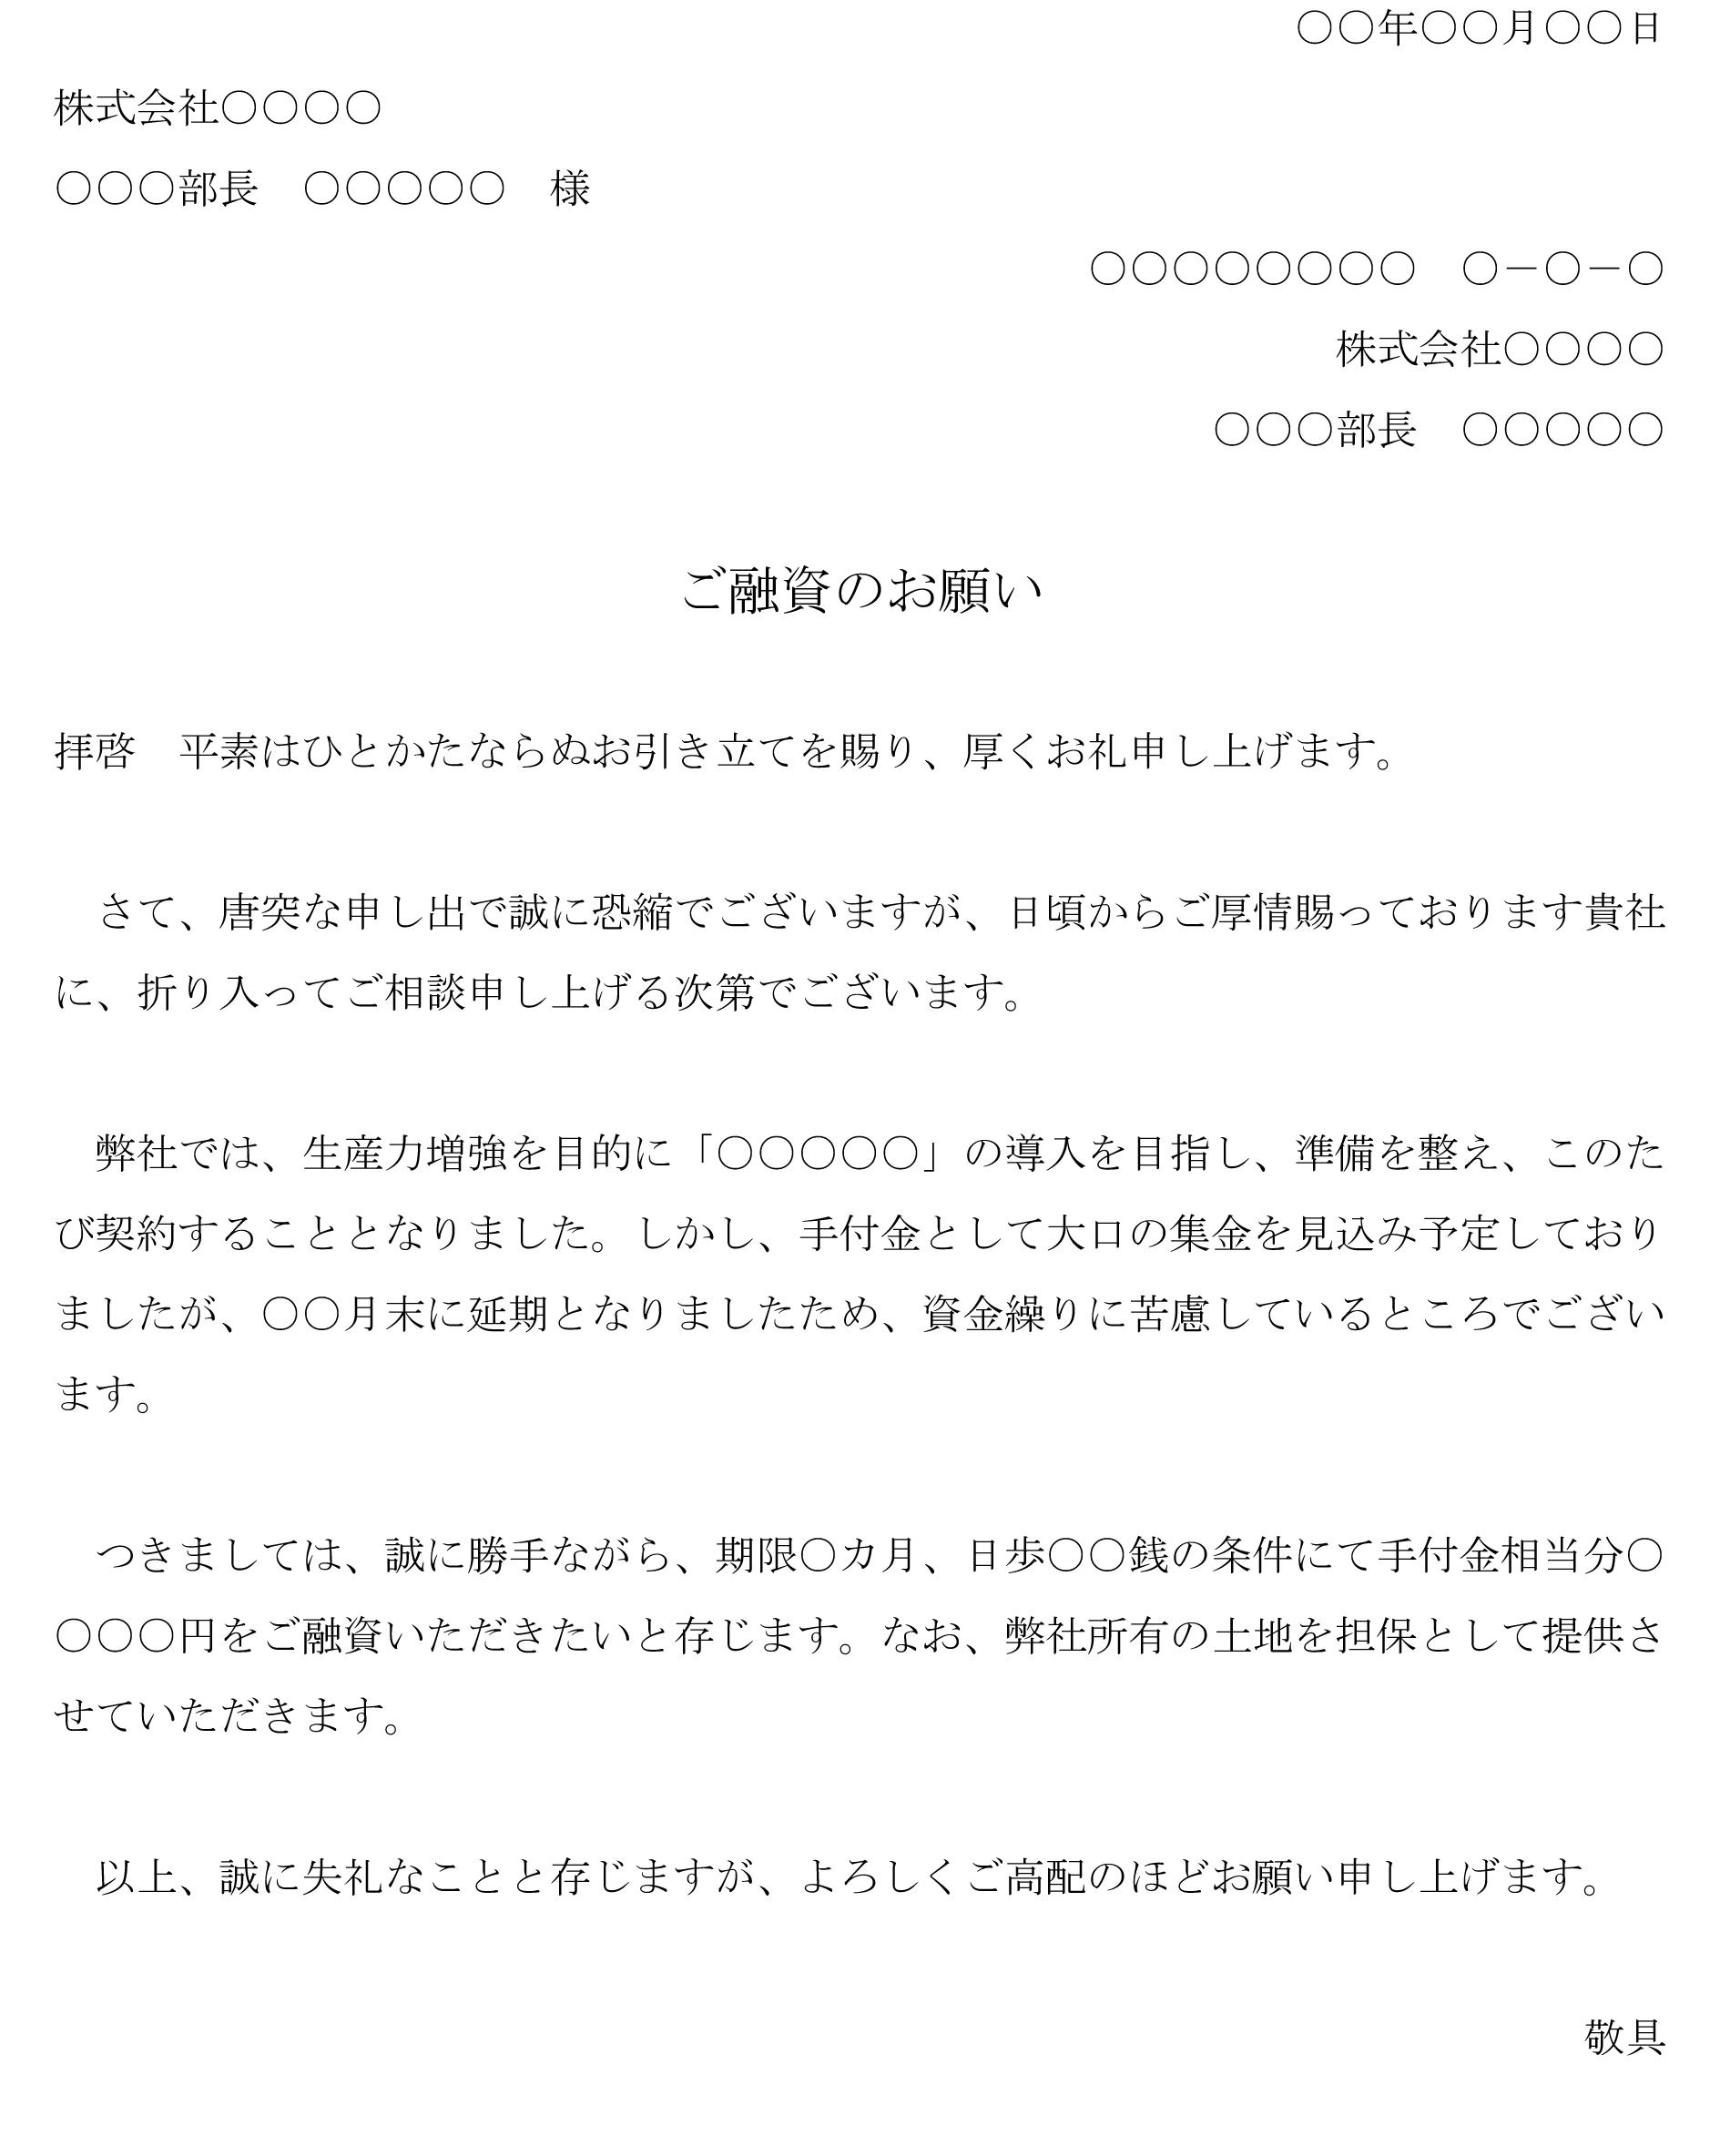 依頼状(融資)02